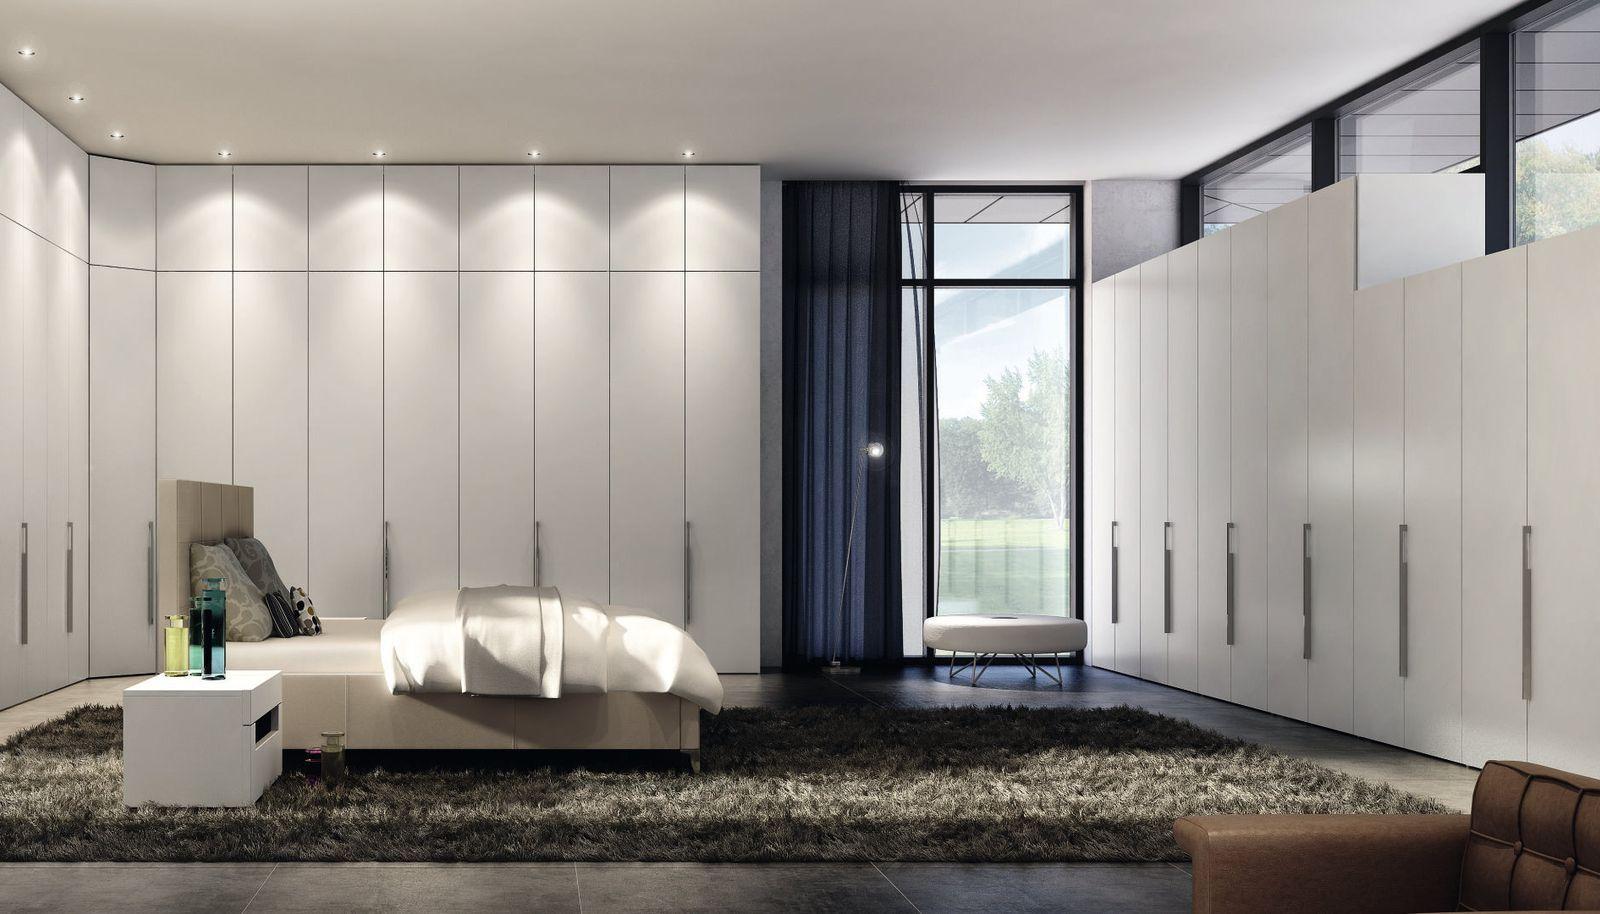 Schlafzimmerschrank Hülsta ~ Die besten einbauschrank hülsta ideen auf kleiner